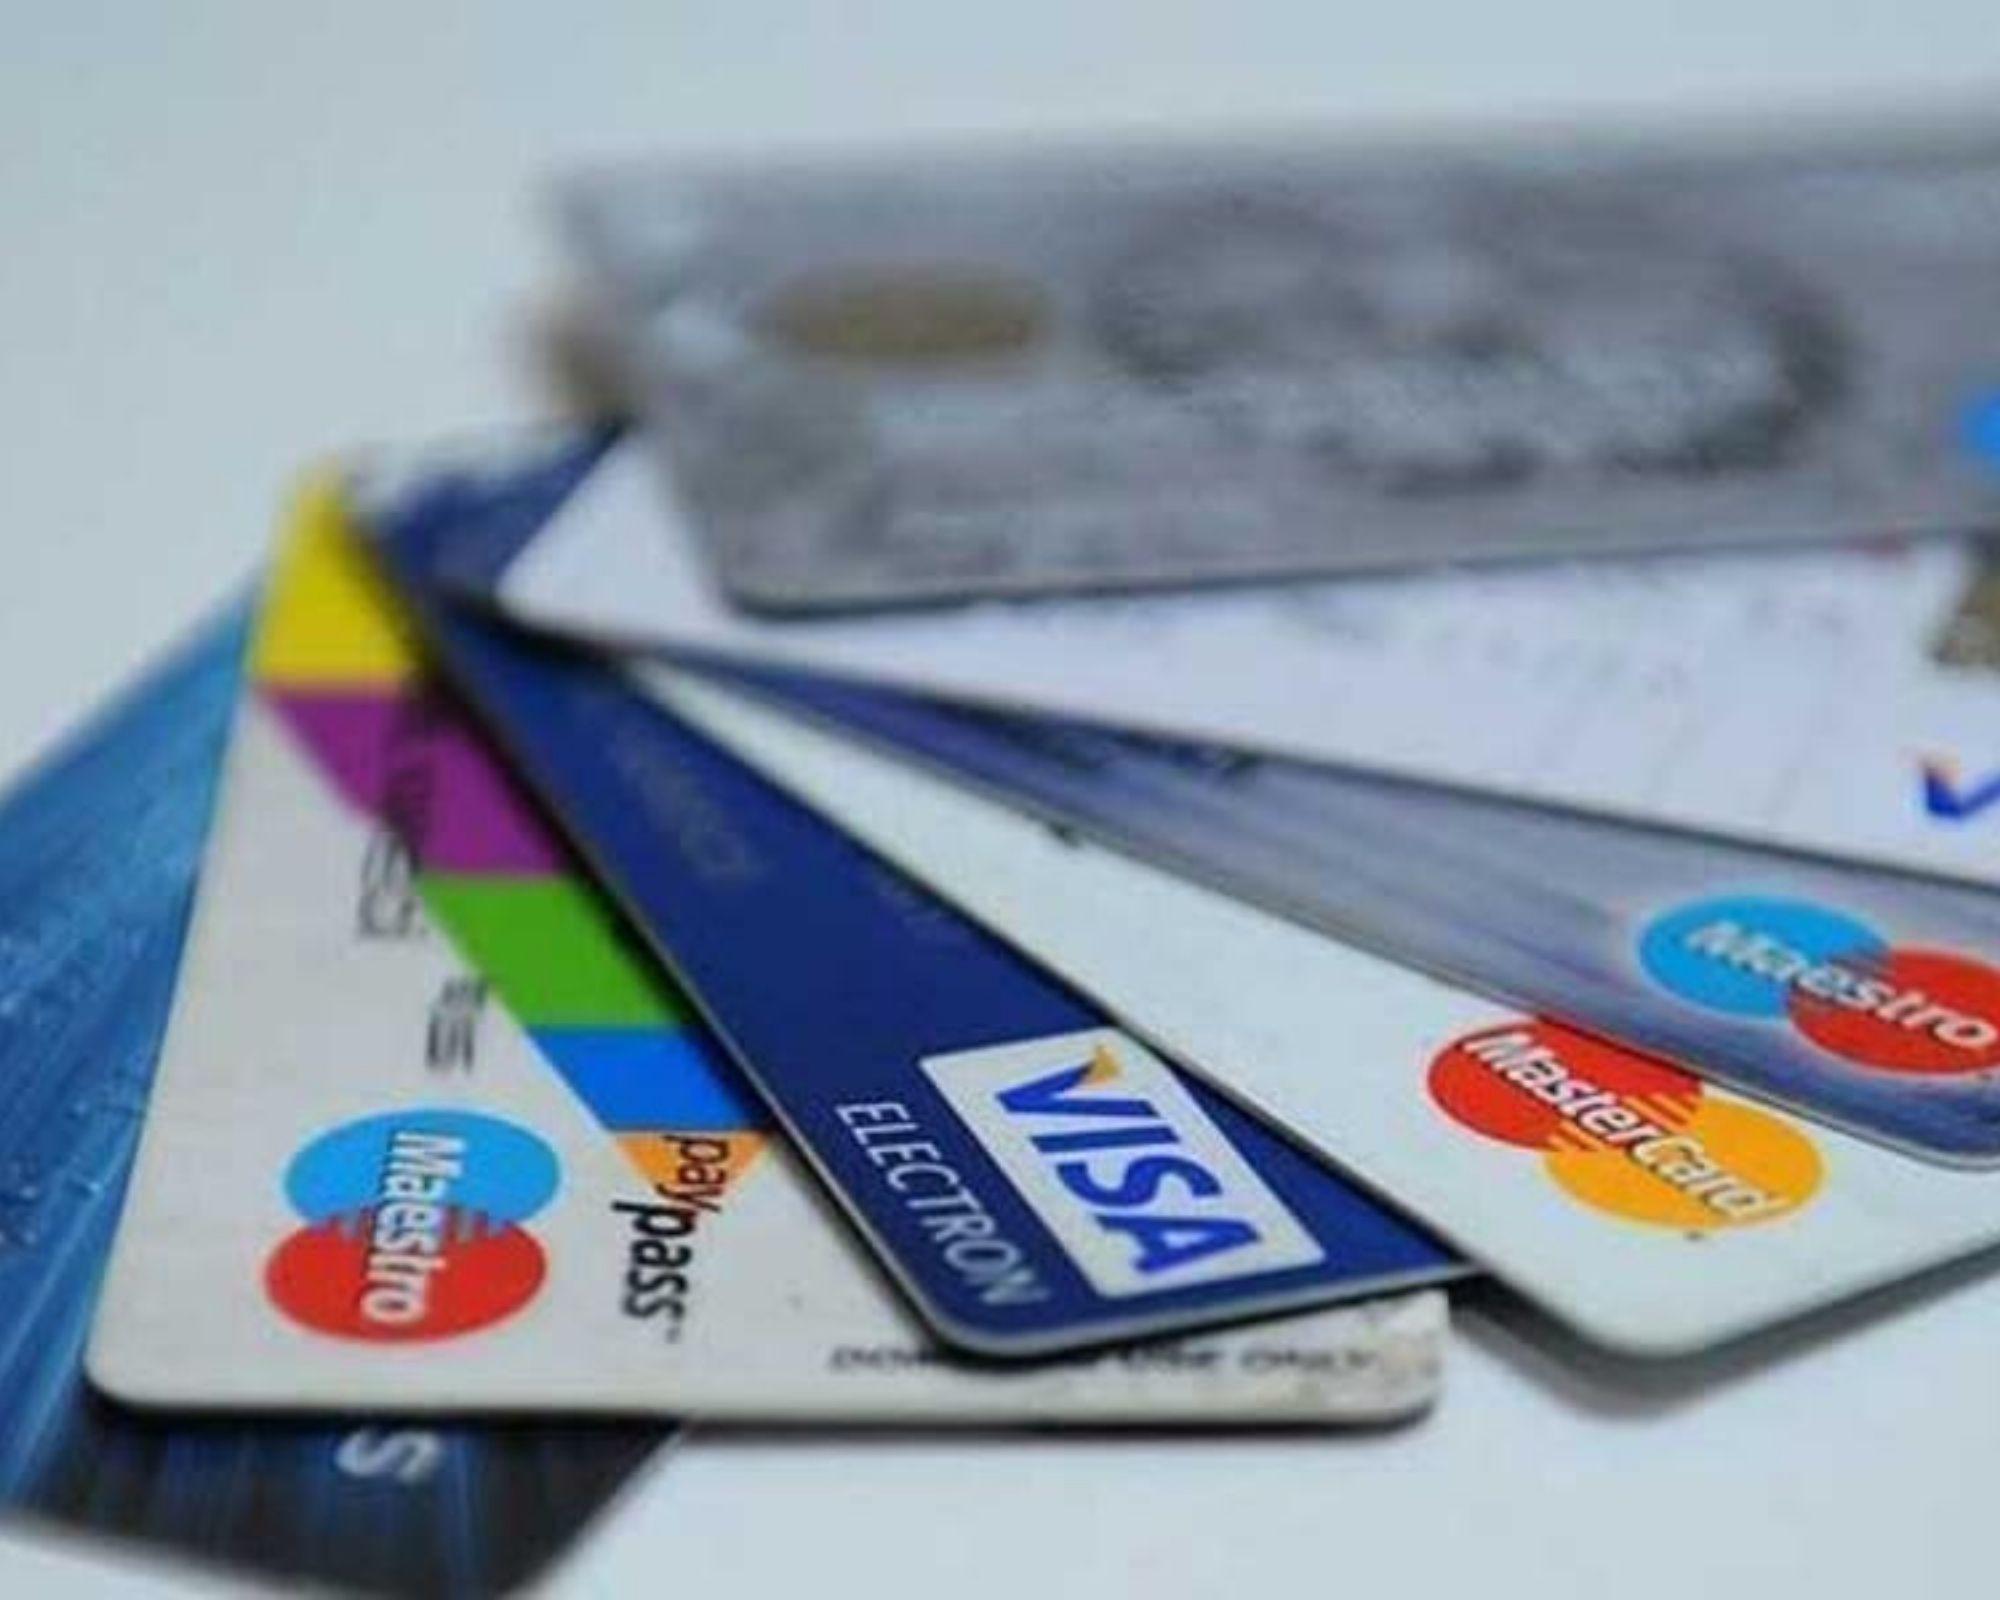 Halkbank Bankamatik (Banka Kartı) Kartı Başvurusu